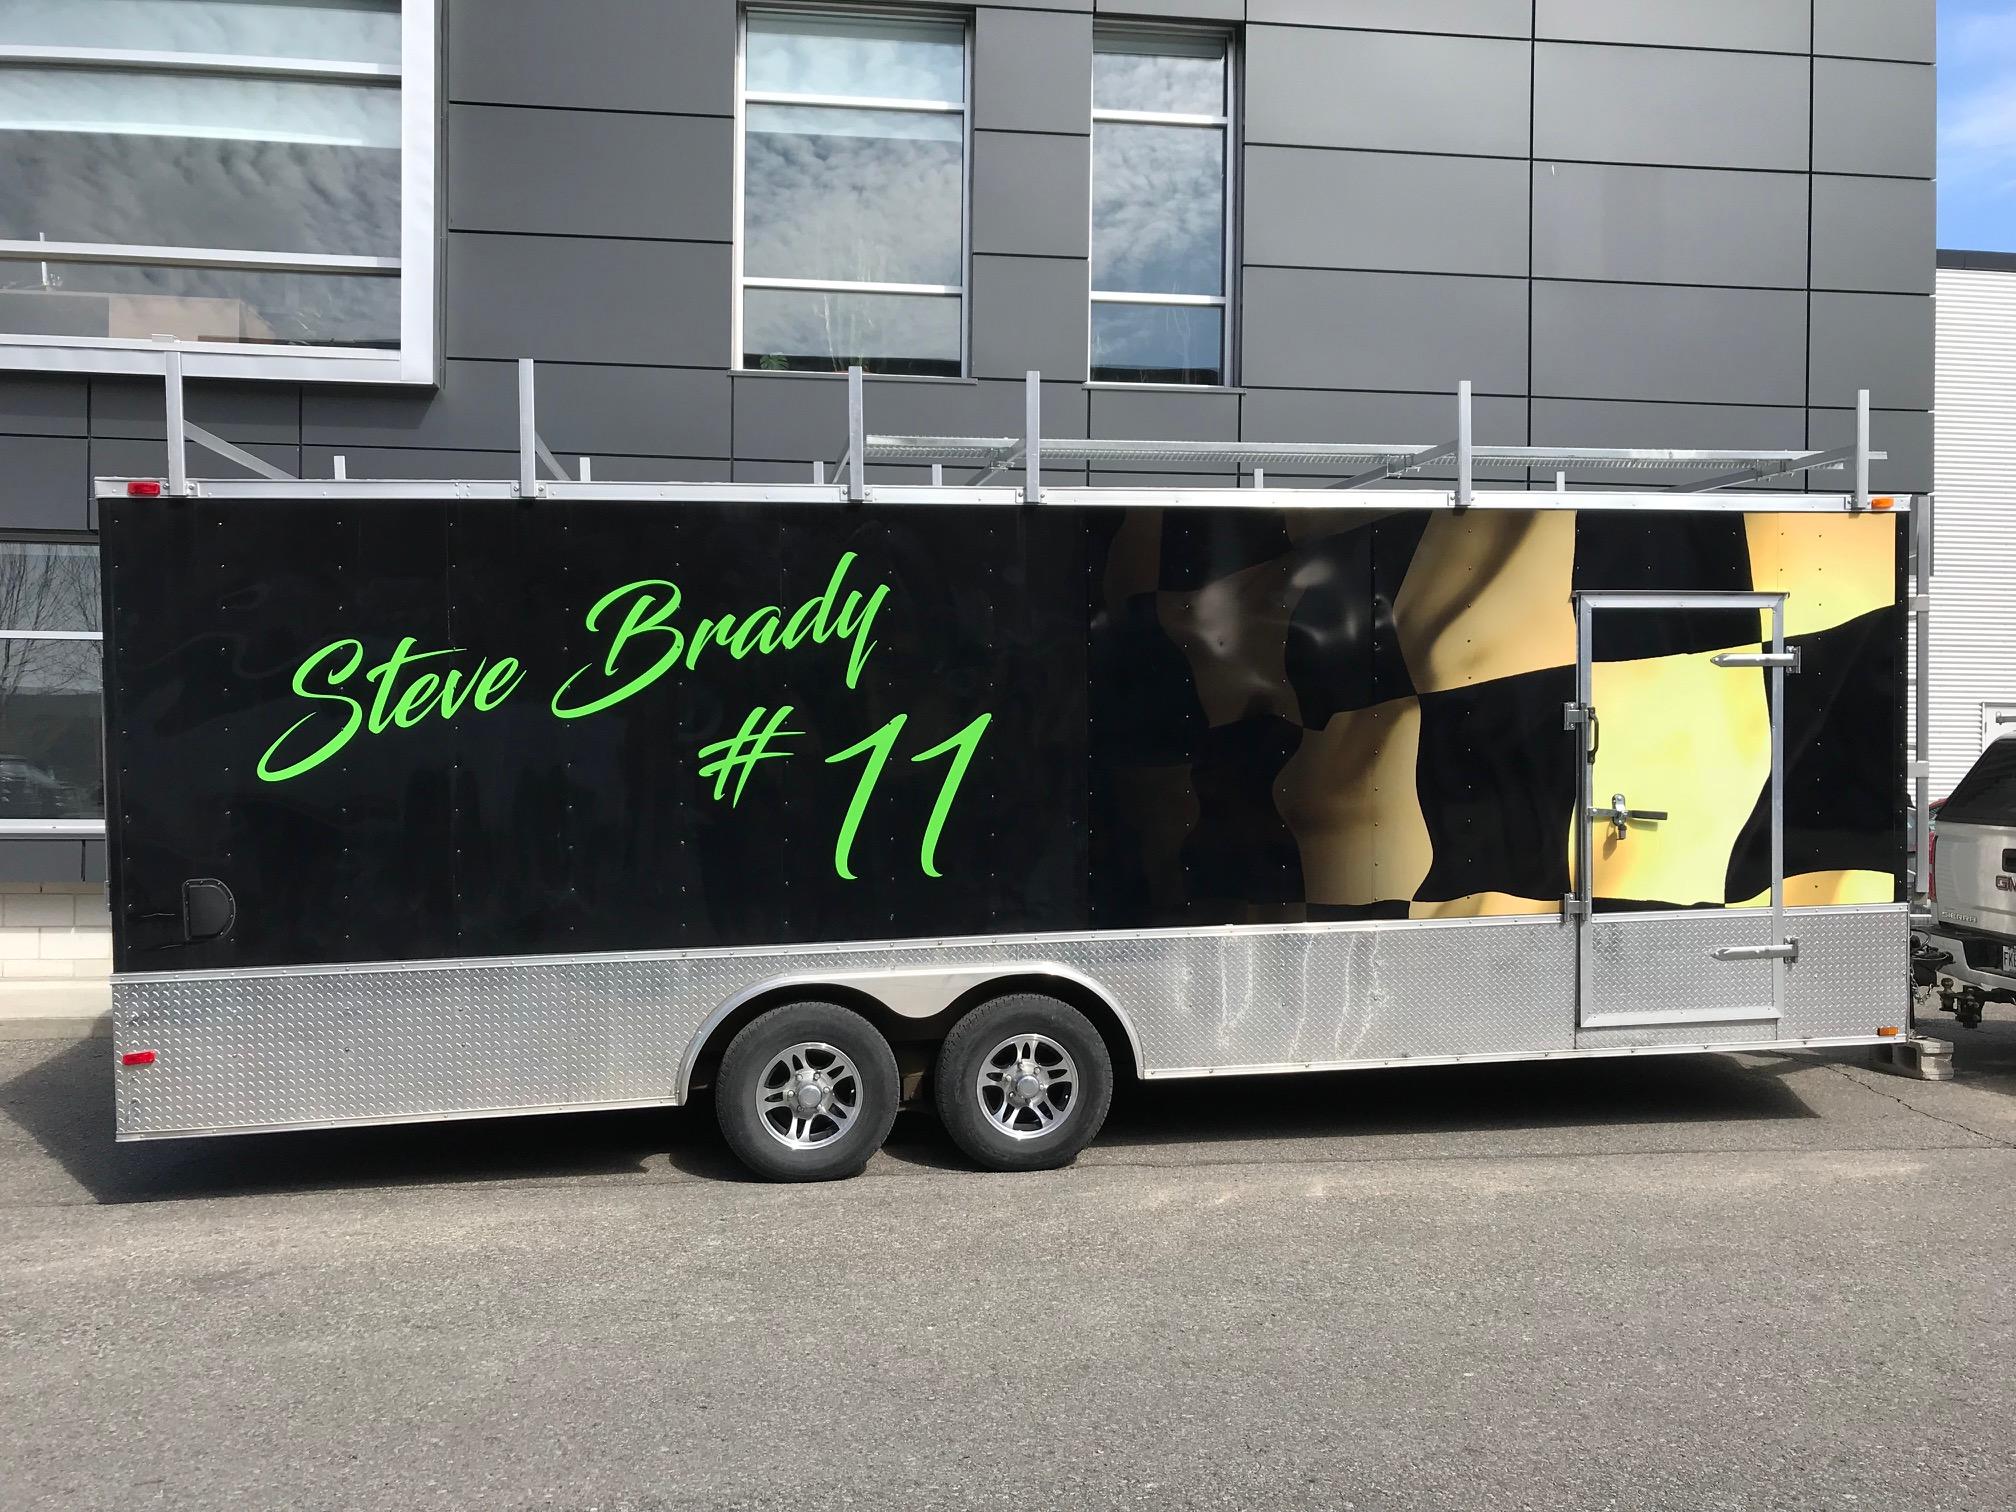 Steve Brady 11_1.1_2018